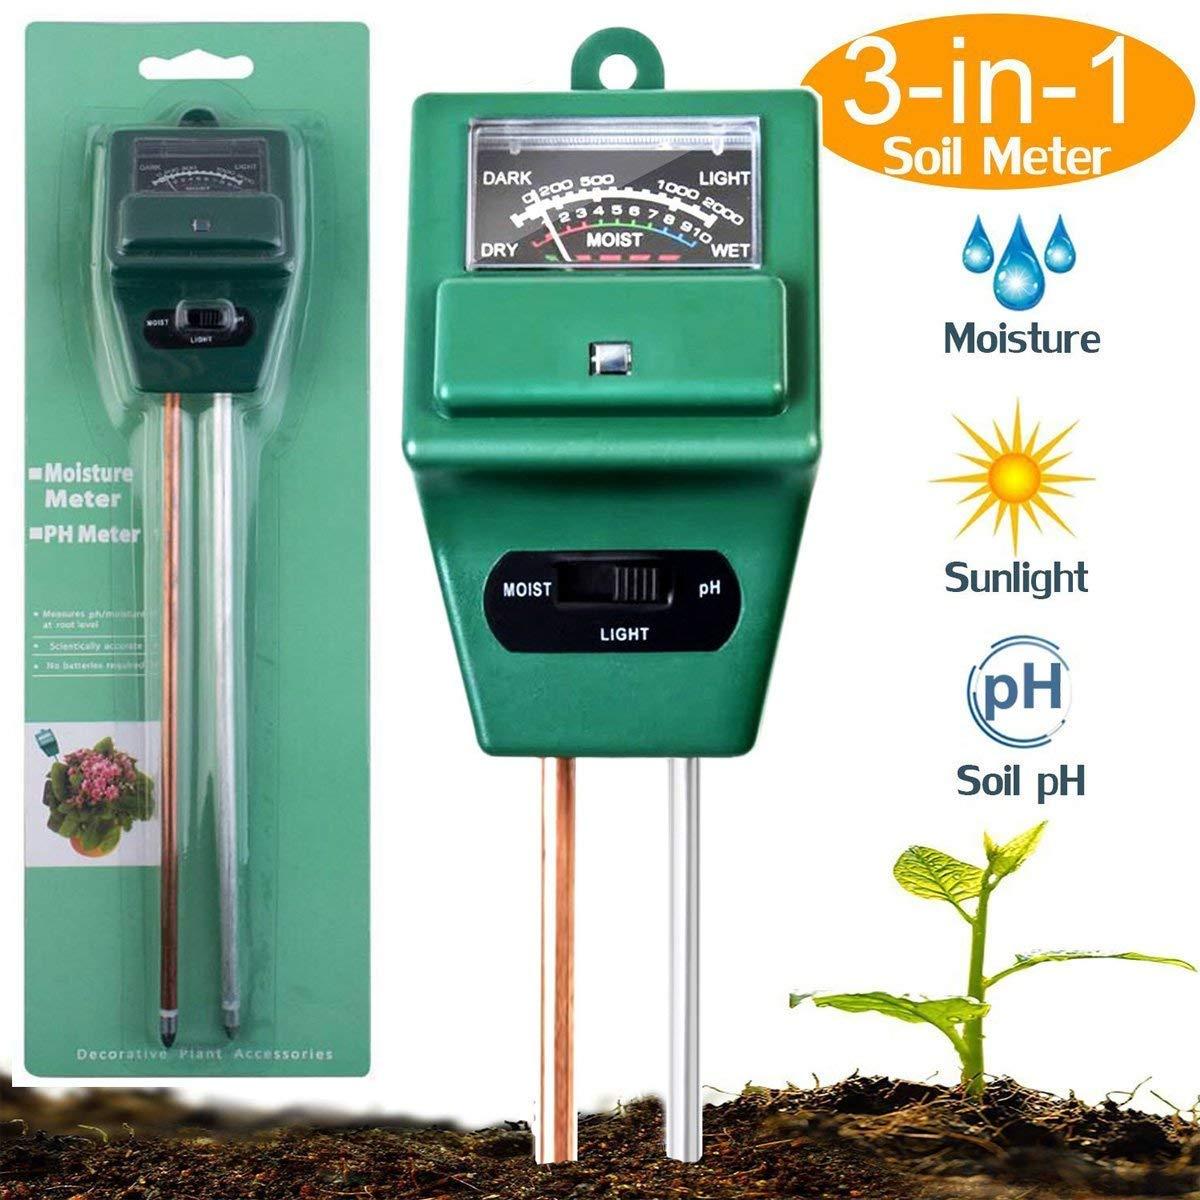 AIBIDUO 3-in-1-Messgerät für den Boden, mit pH-Meter, Licht- & Feuchtigkeitsmessgerät, Säuretester, ideal für Garten, Bauernhof, Rasen, drinnen & draußen (kein Akku erforderlich) Licht- & Feuchtigkeitsmessgerät